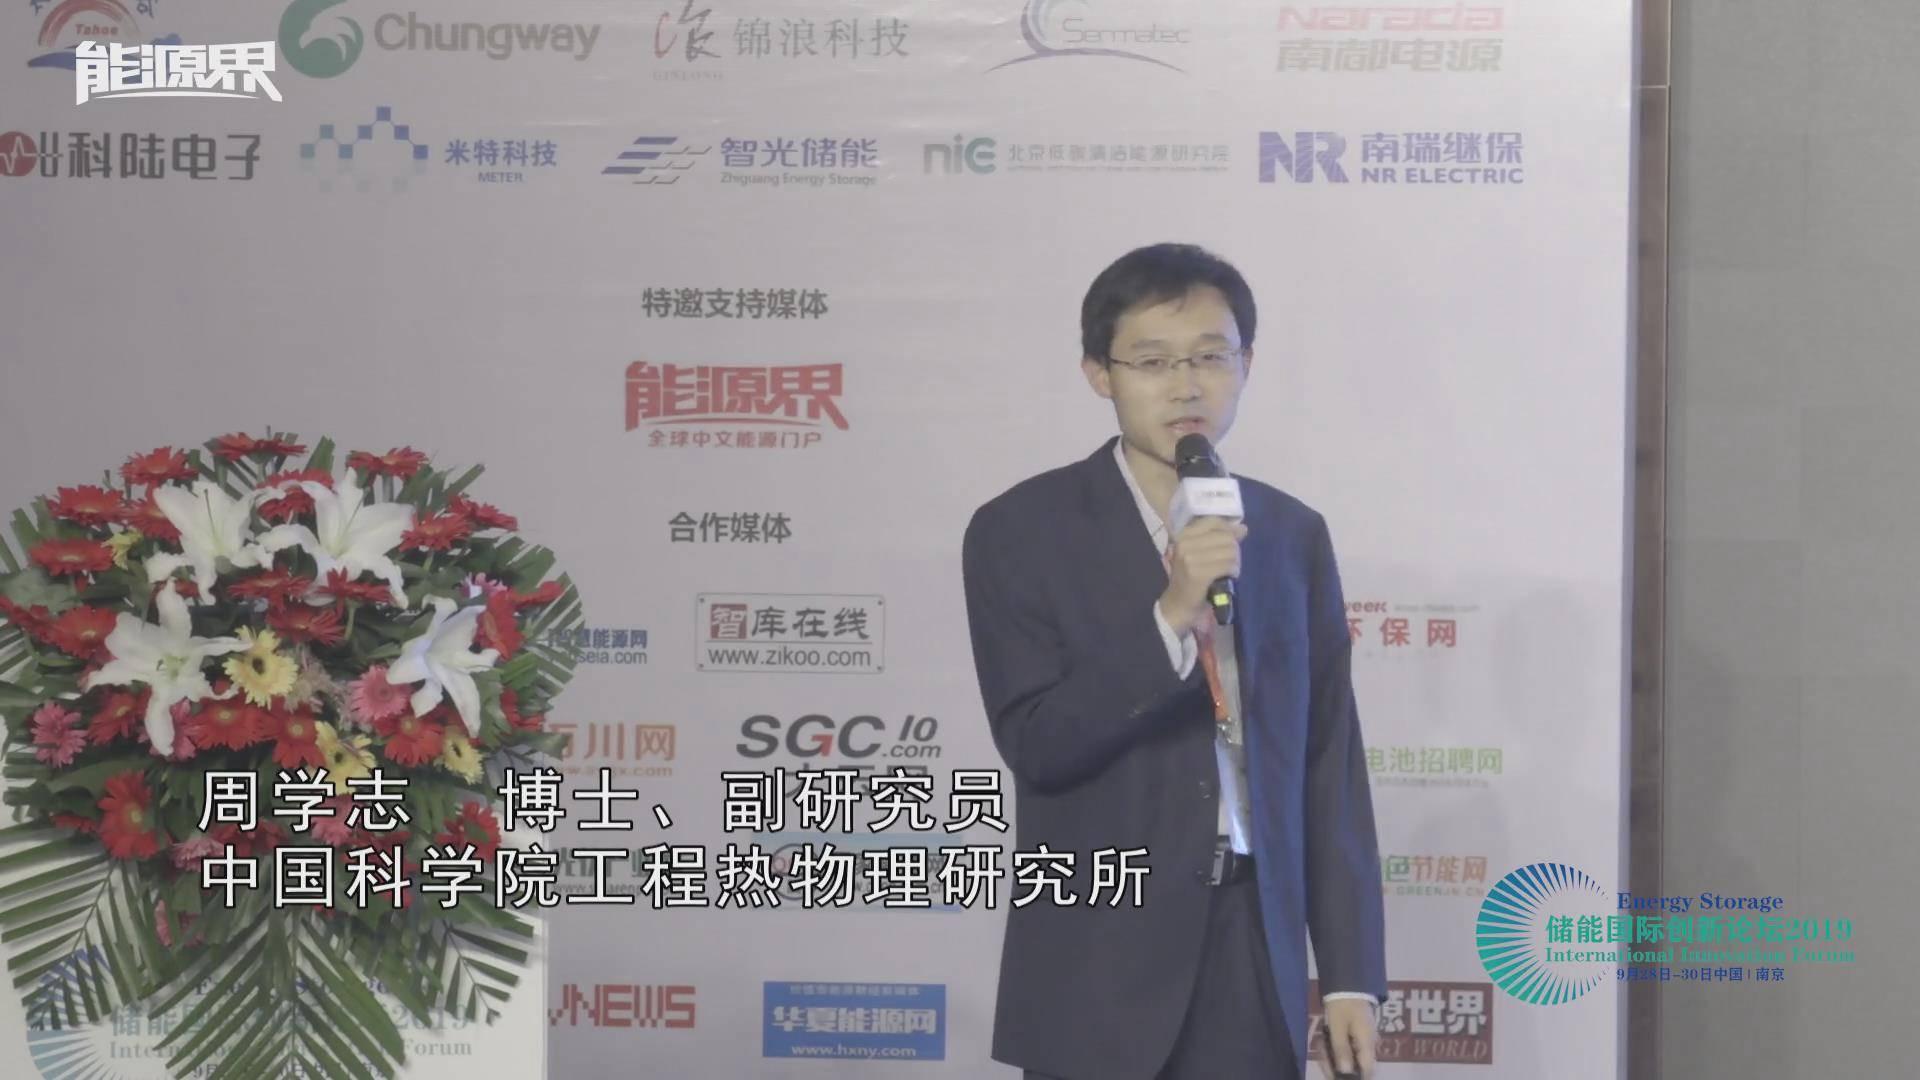 周学志:先进压缩空气新浦京系统